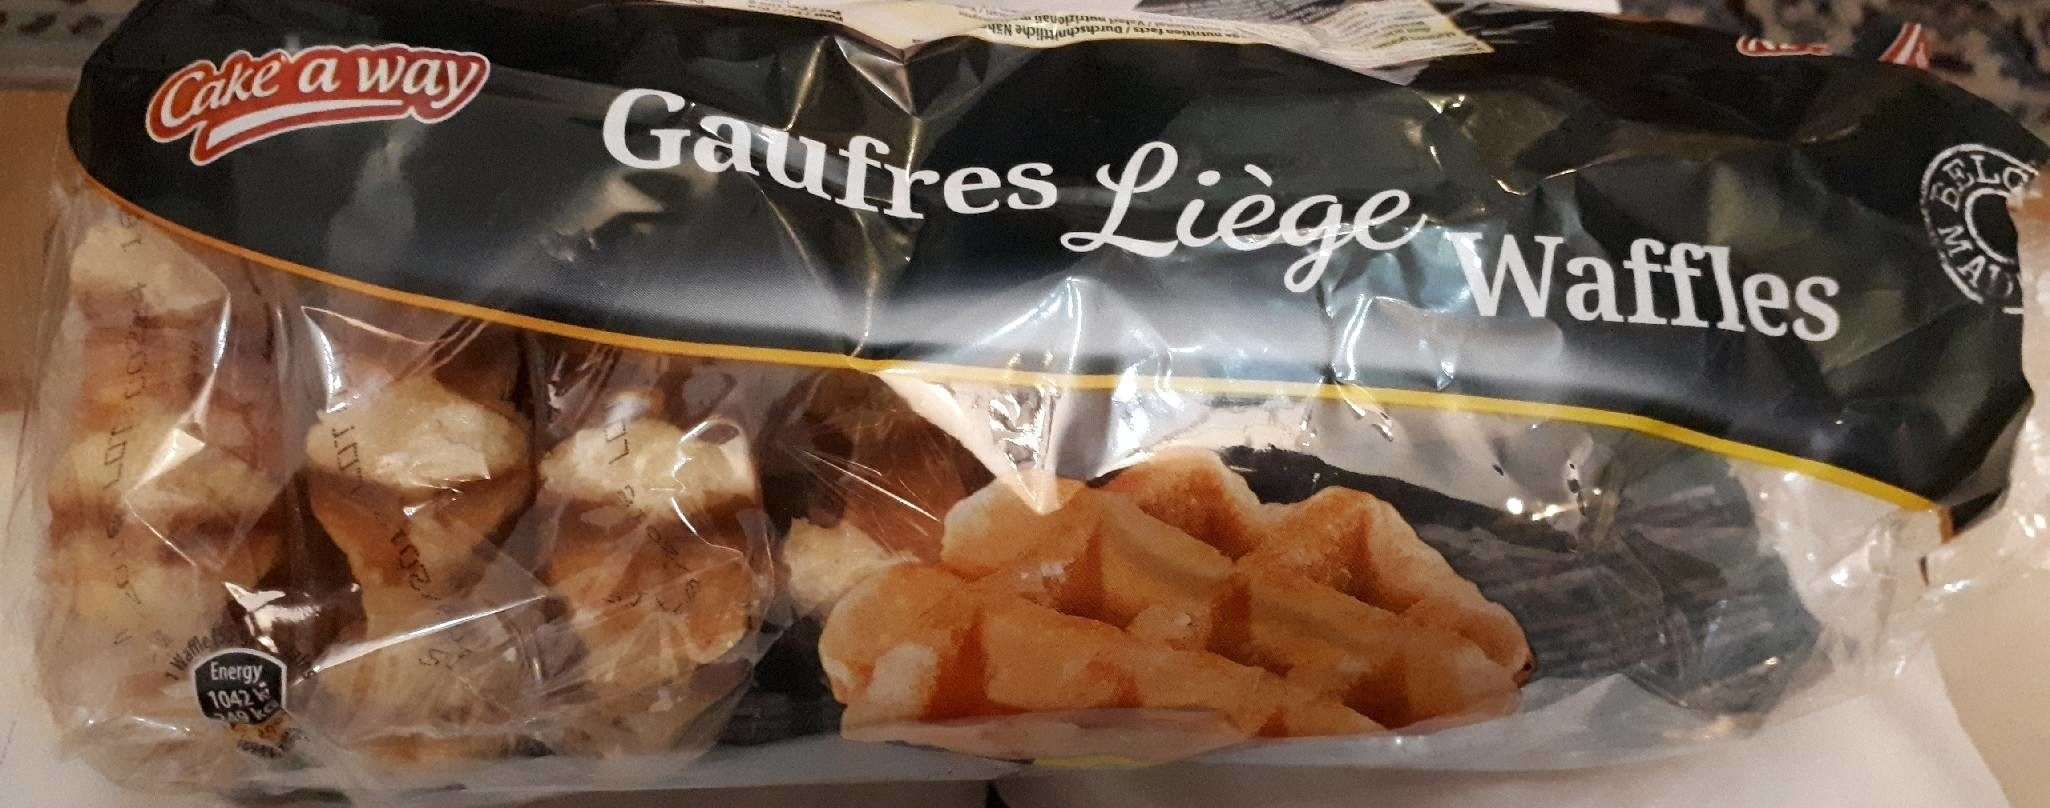 Gaufres de Liège - Product